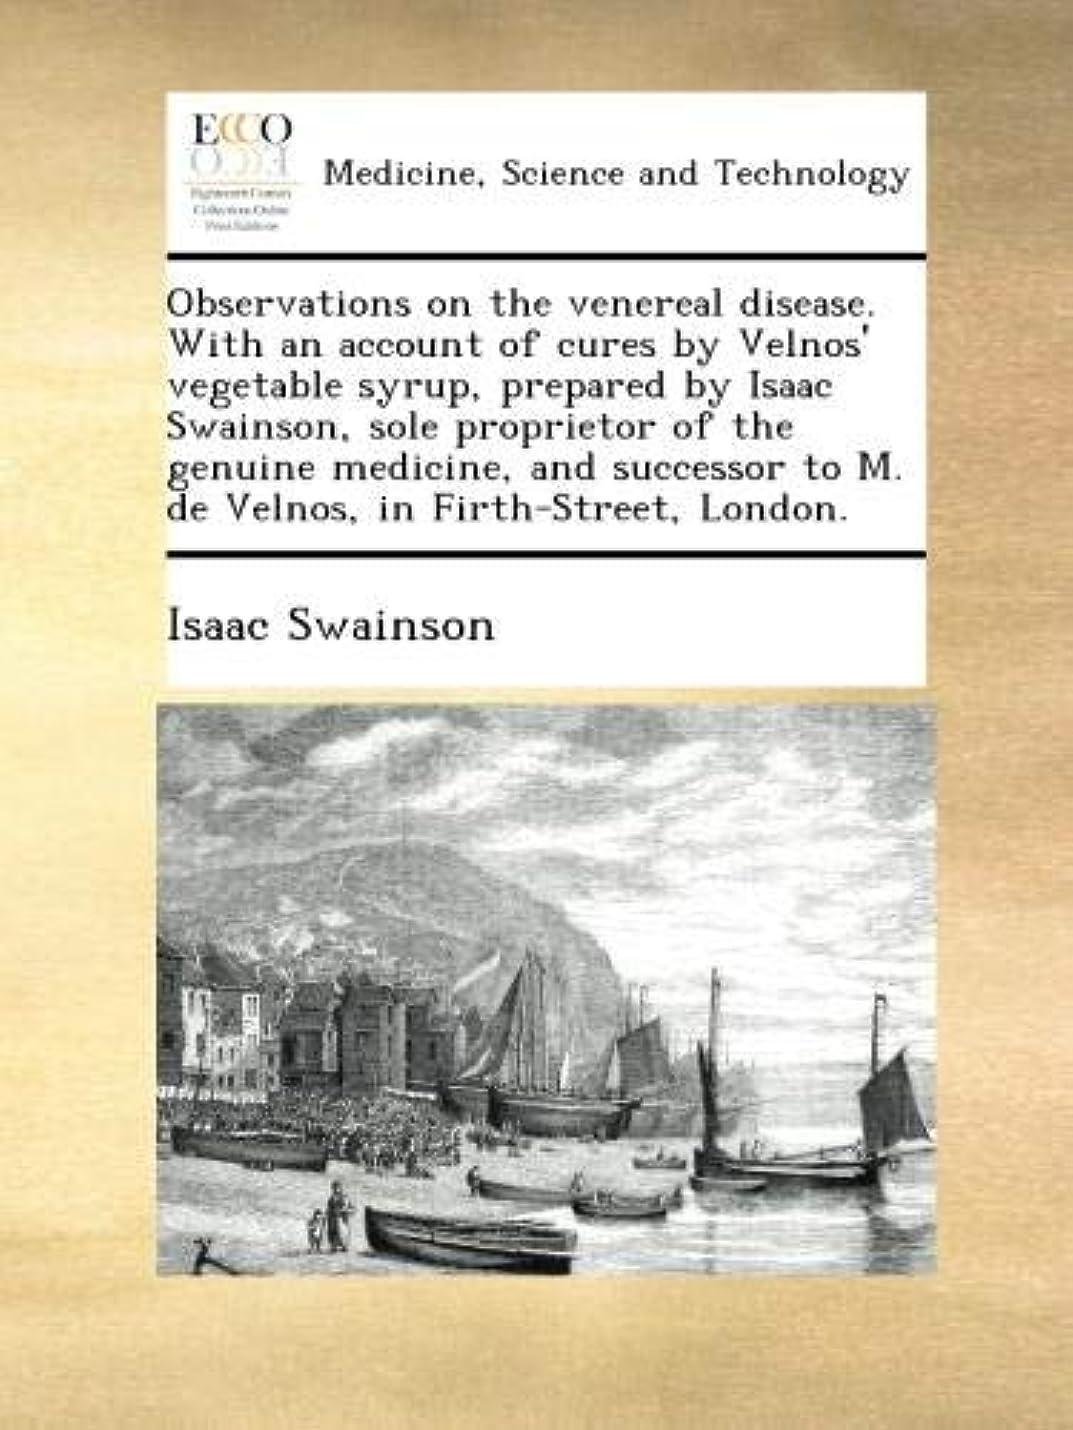 ウルル正統派正確にObservations on the venereal disease. With an account of cures by Velnos' vegetable syrup, prepared by Isaac Swainson, sole proprietor of the genuine medicine, and successor to M. de Velnos, in Firth-Street, London.